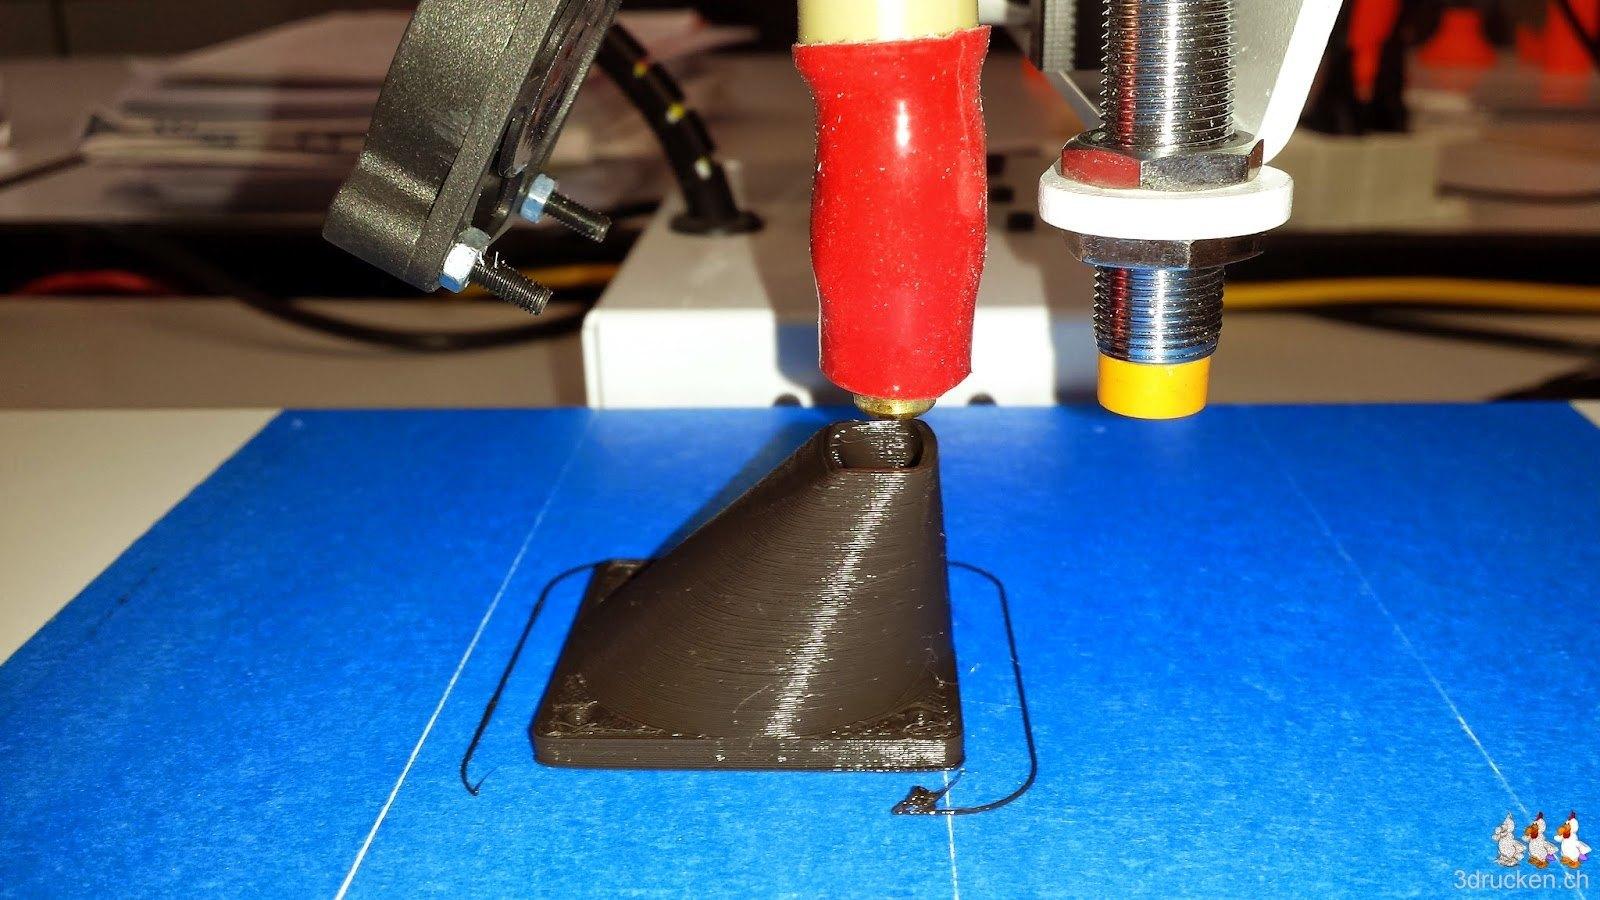 Foto unseres ersten Drucks, einer Lüfterverkleidung am Printrbot Simple Metal